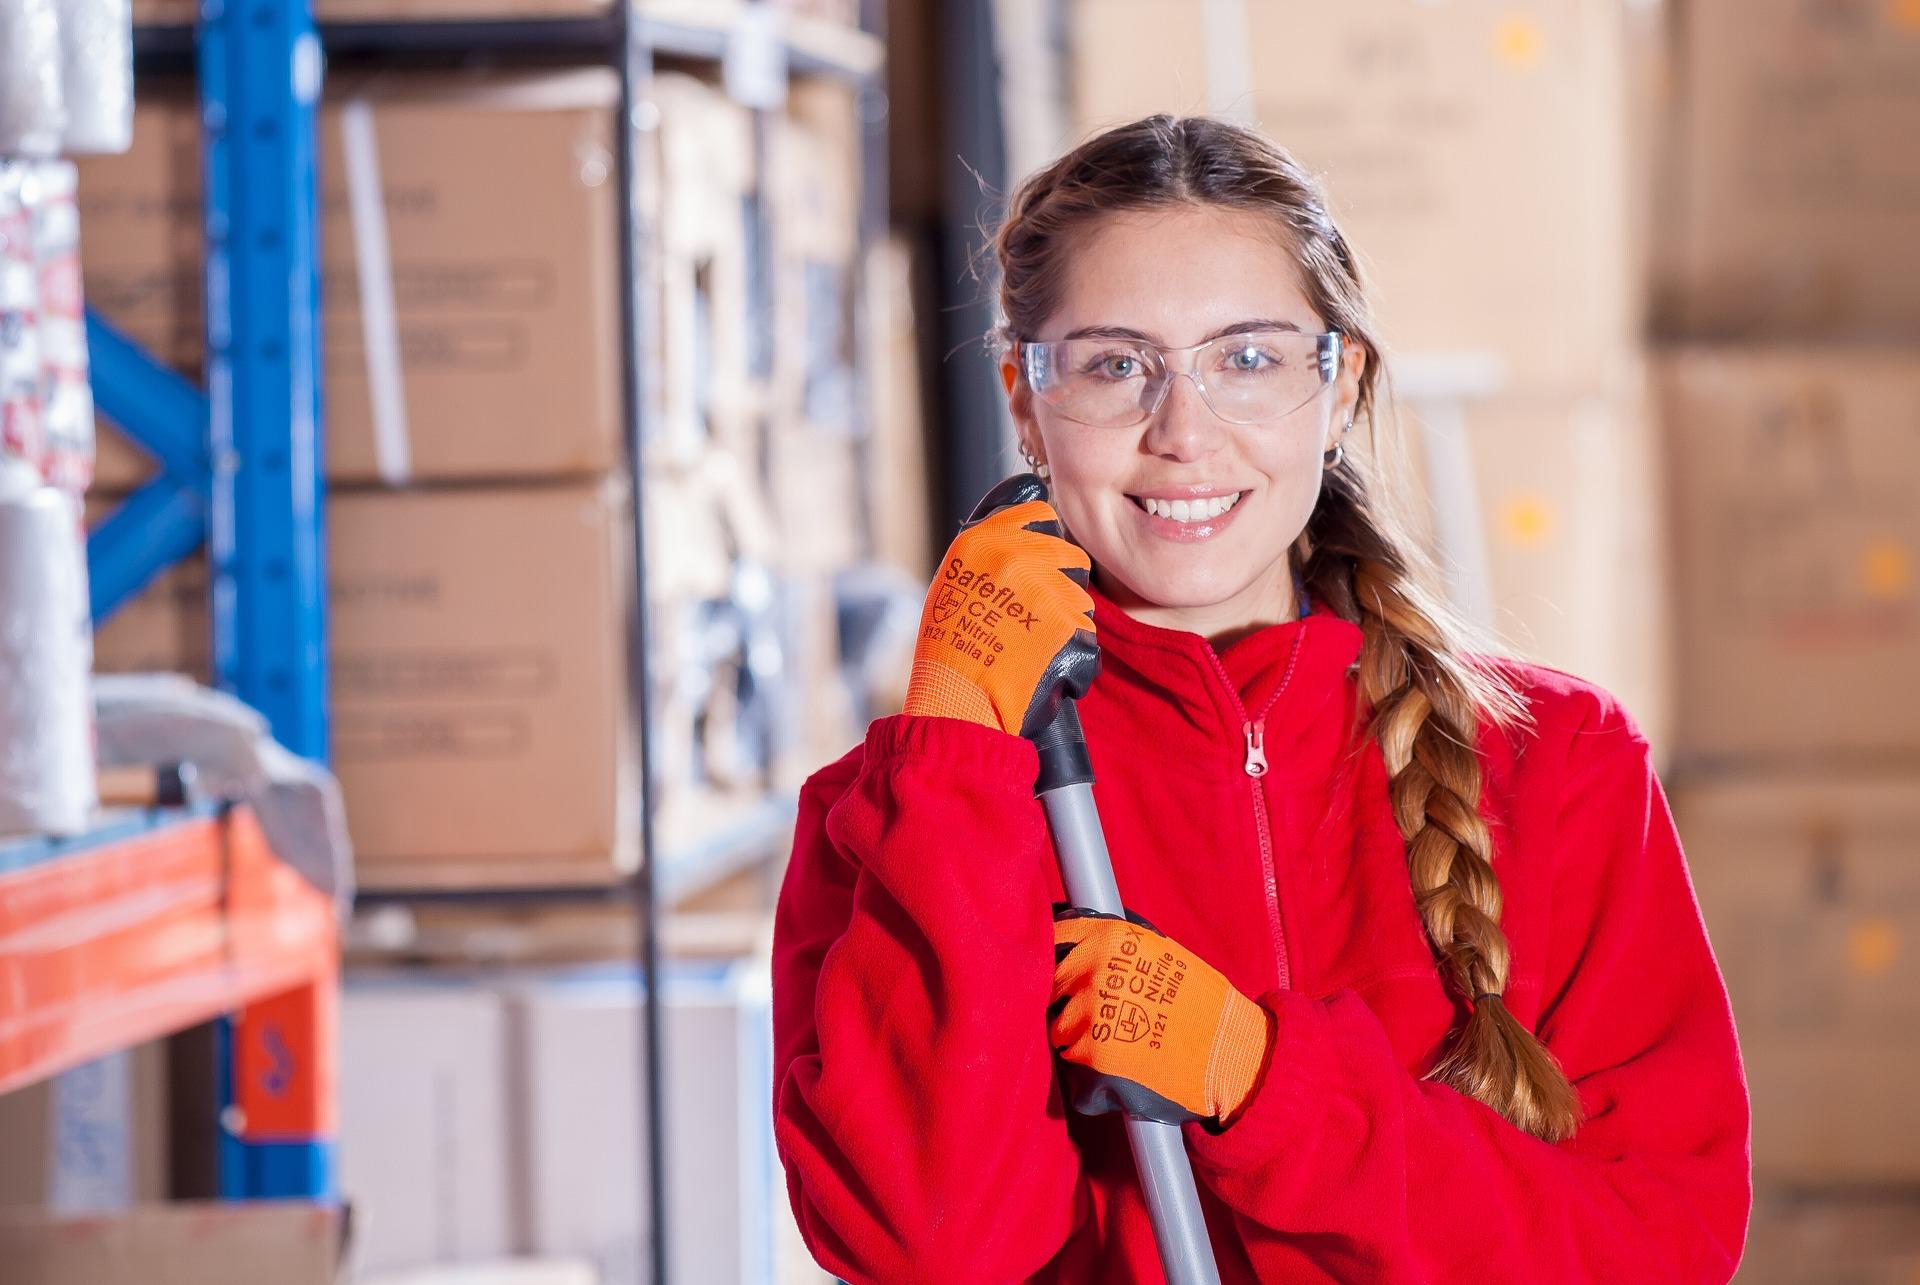 Mujeres propietarias o que trabajen en PYMES